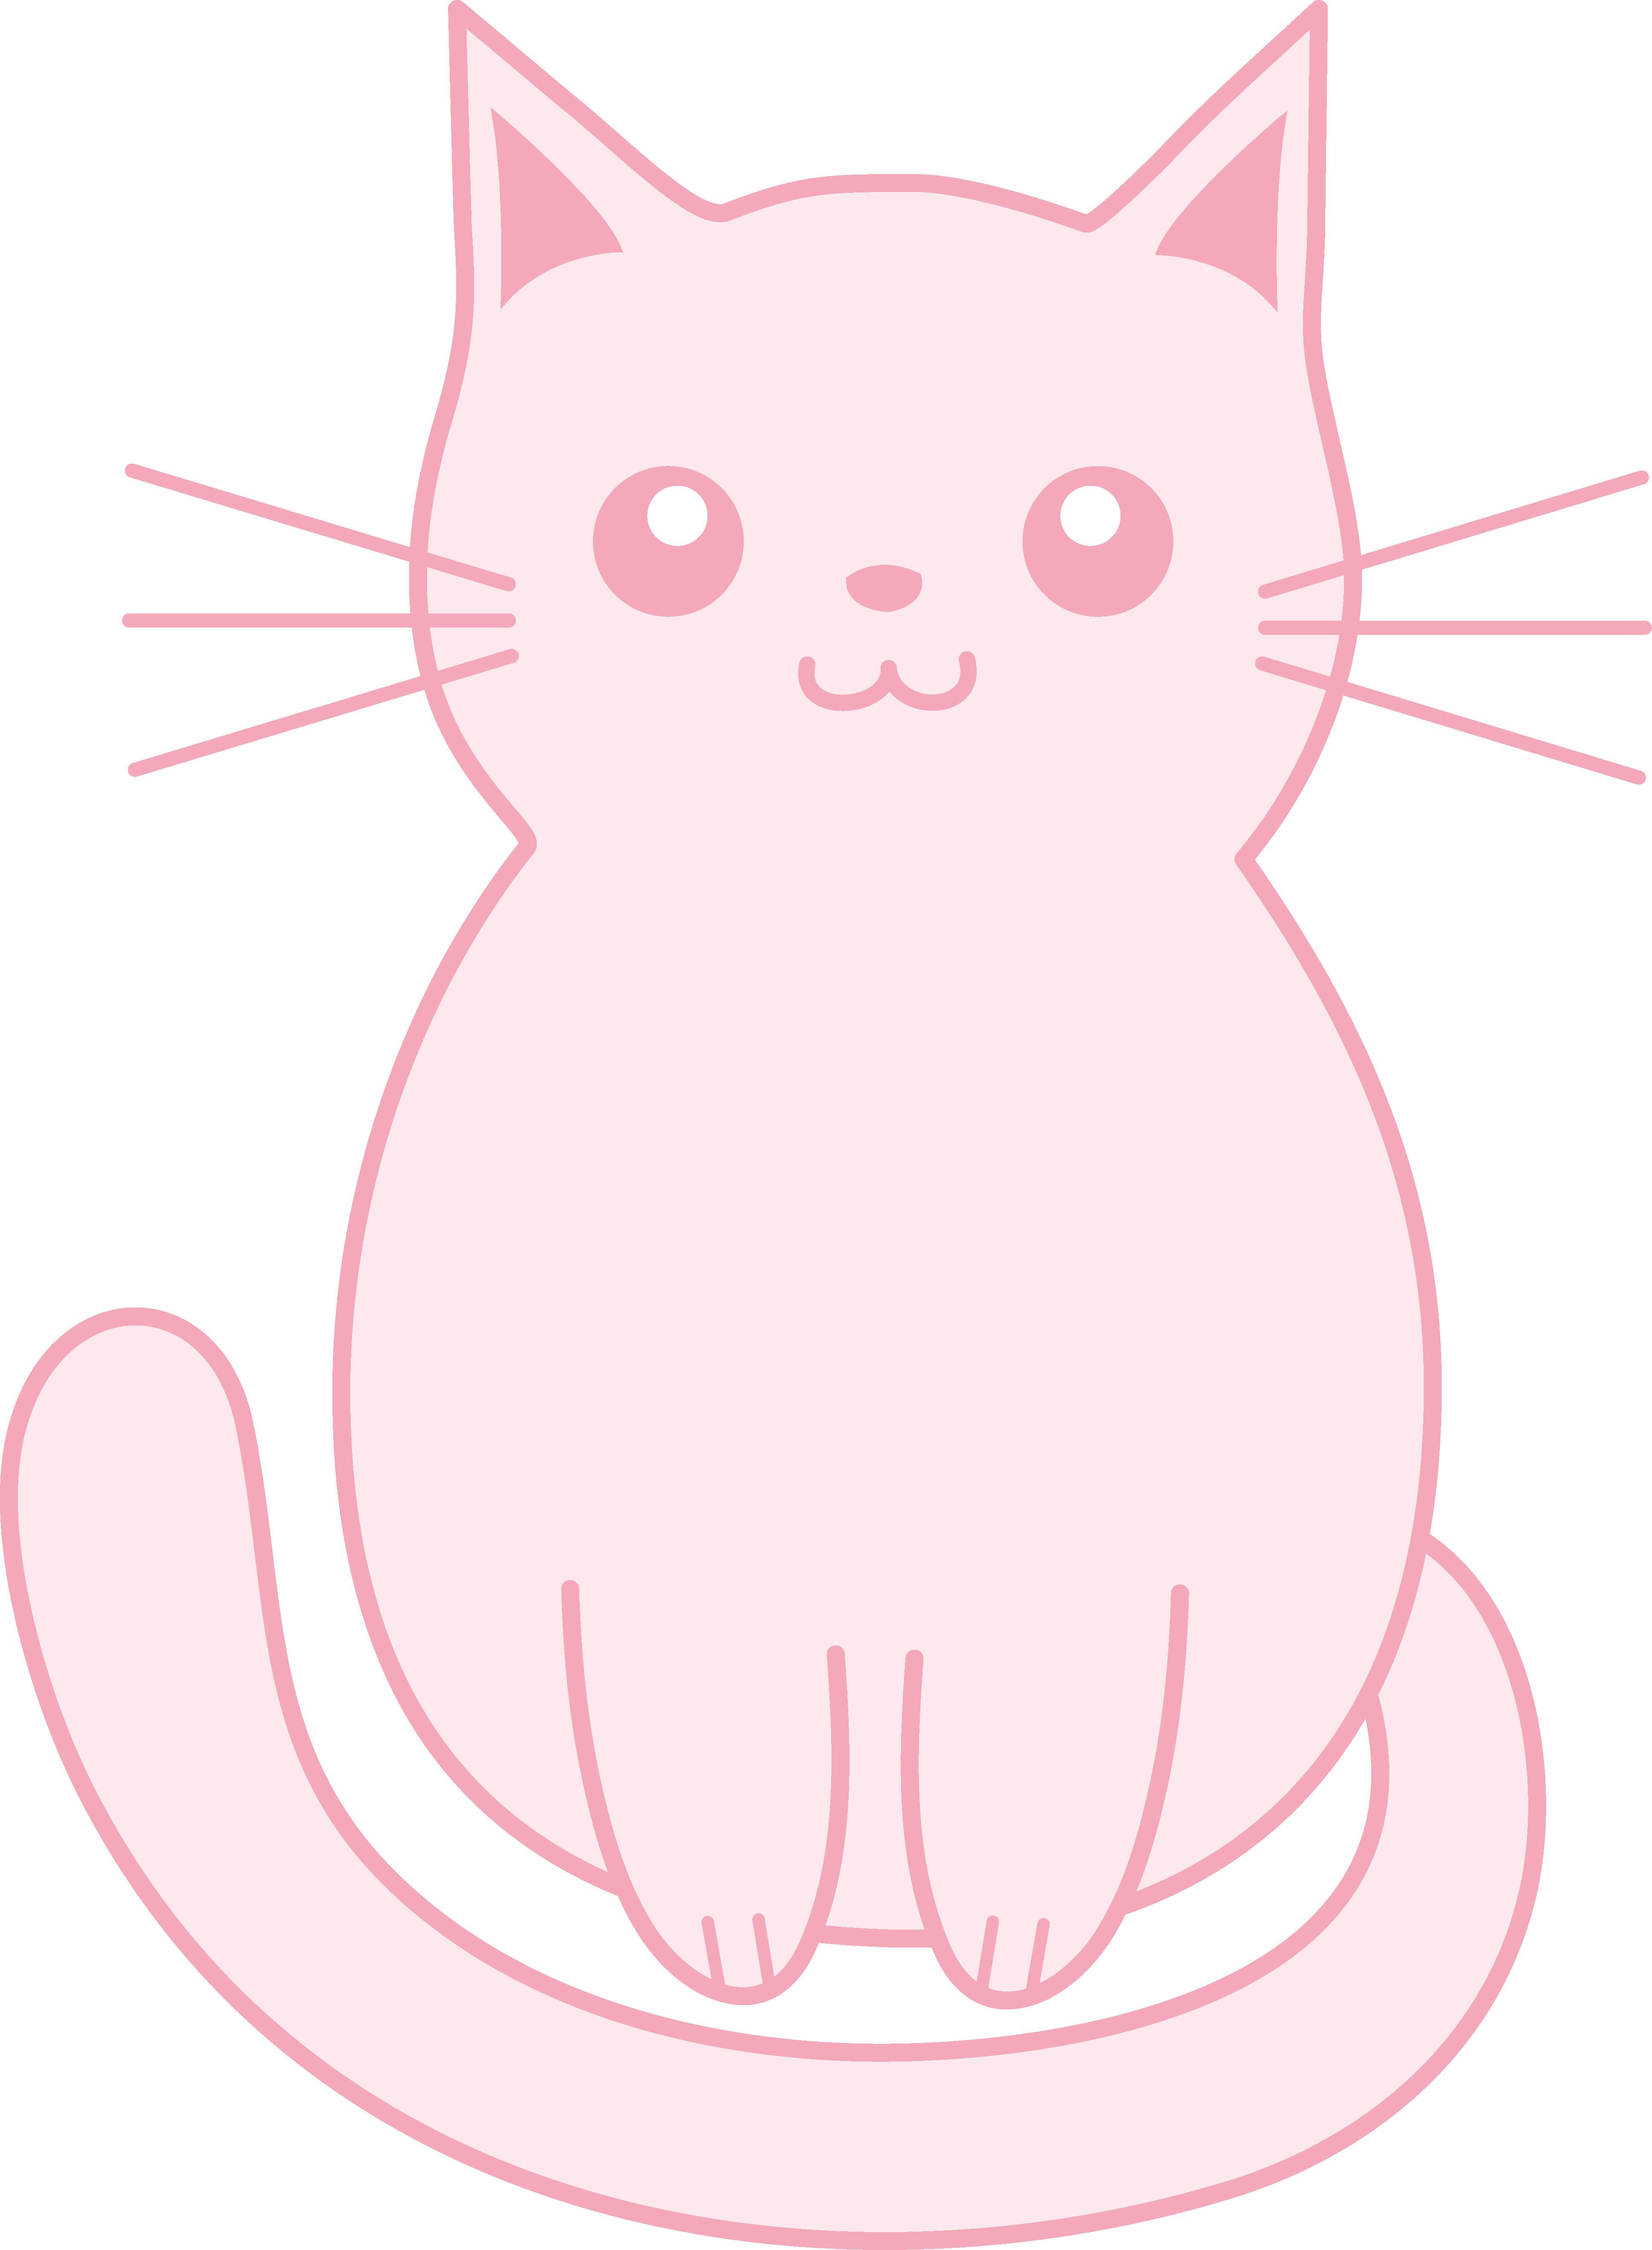 KITTENS clipart cute Pink Art Kitten Clip cute